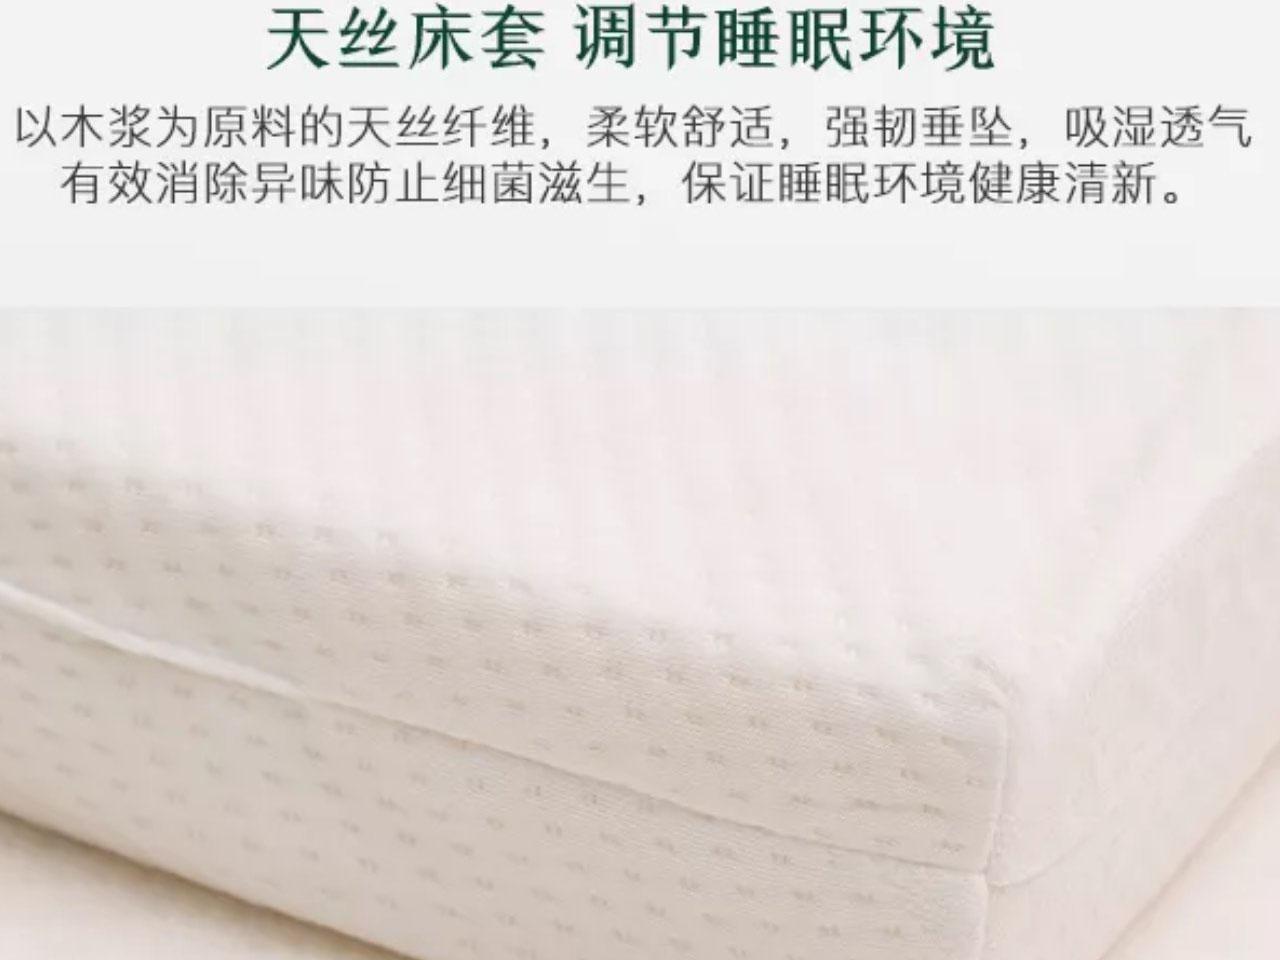 信譽好的床墊-山西錦泰華鑫環保科技超值的安睡6905環保棕